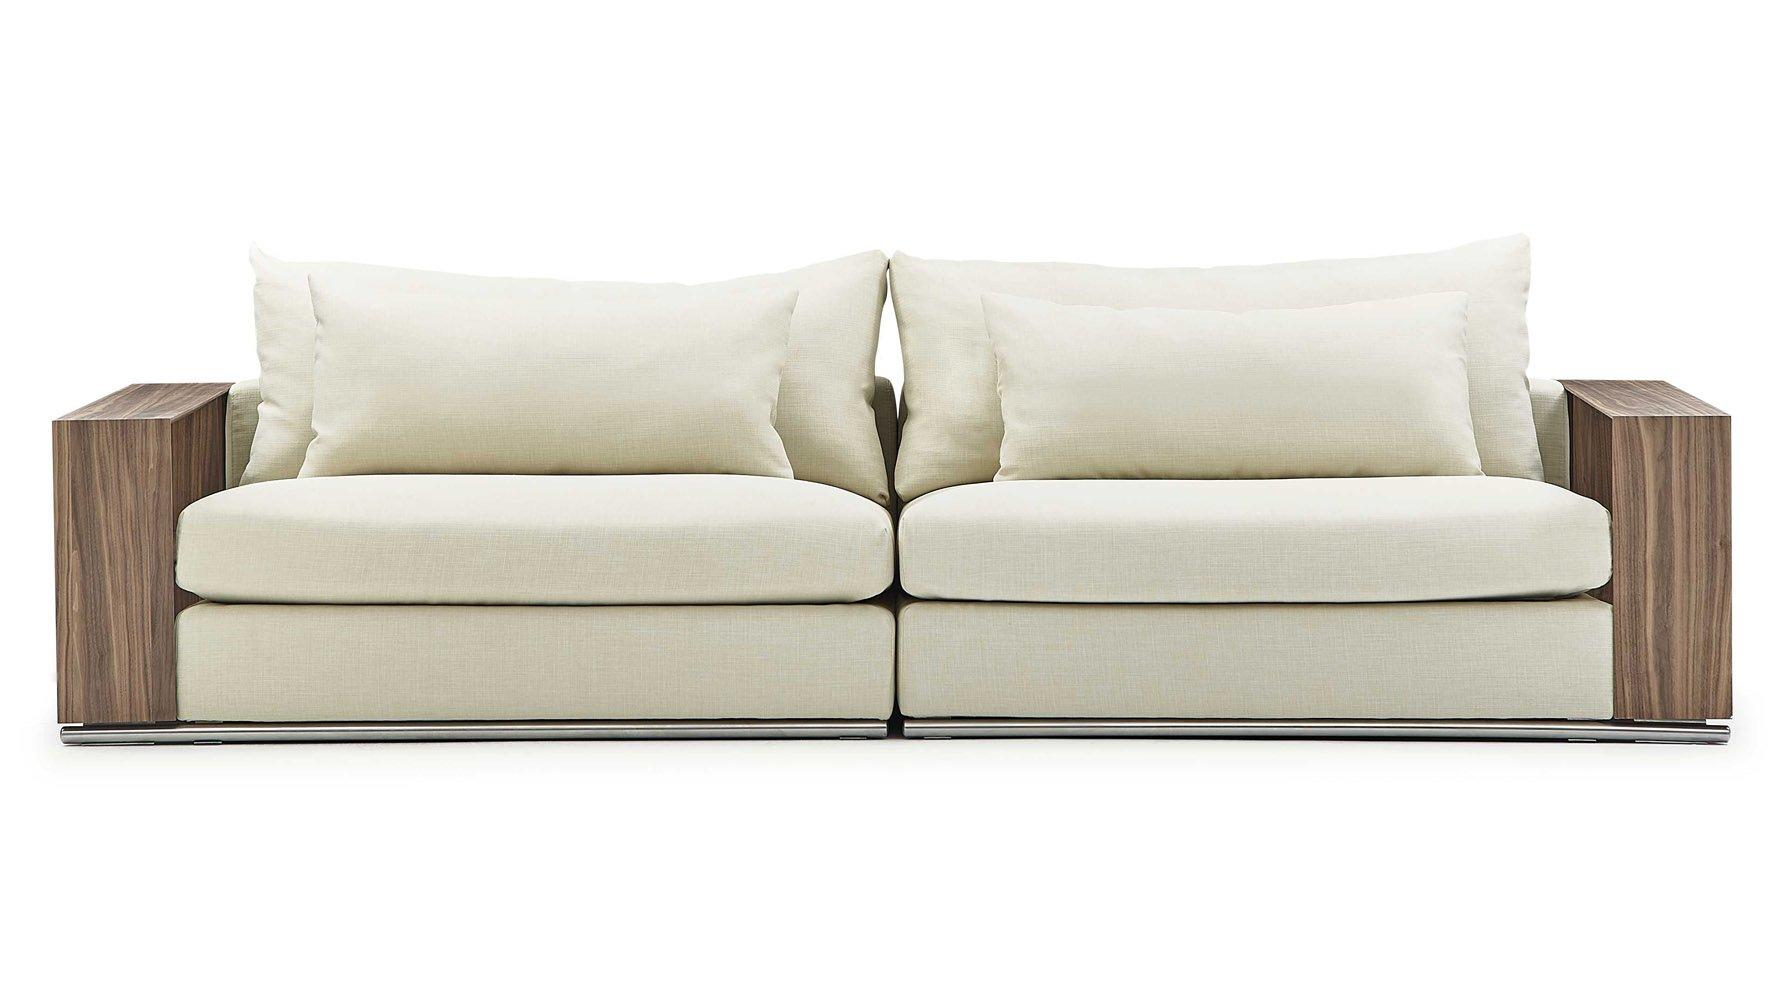 Soriano Wooden Arm Sofa In Beige Linen Zuri Furniture